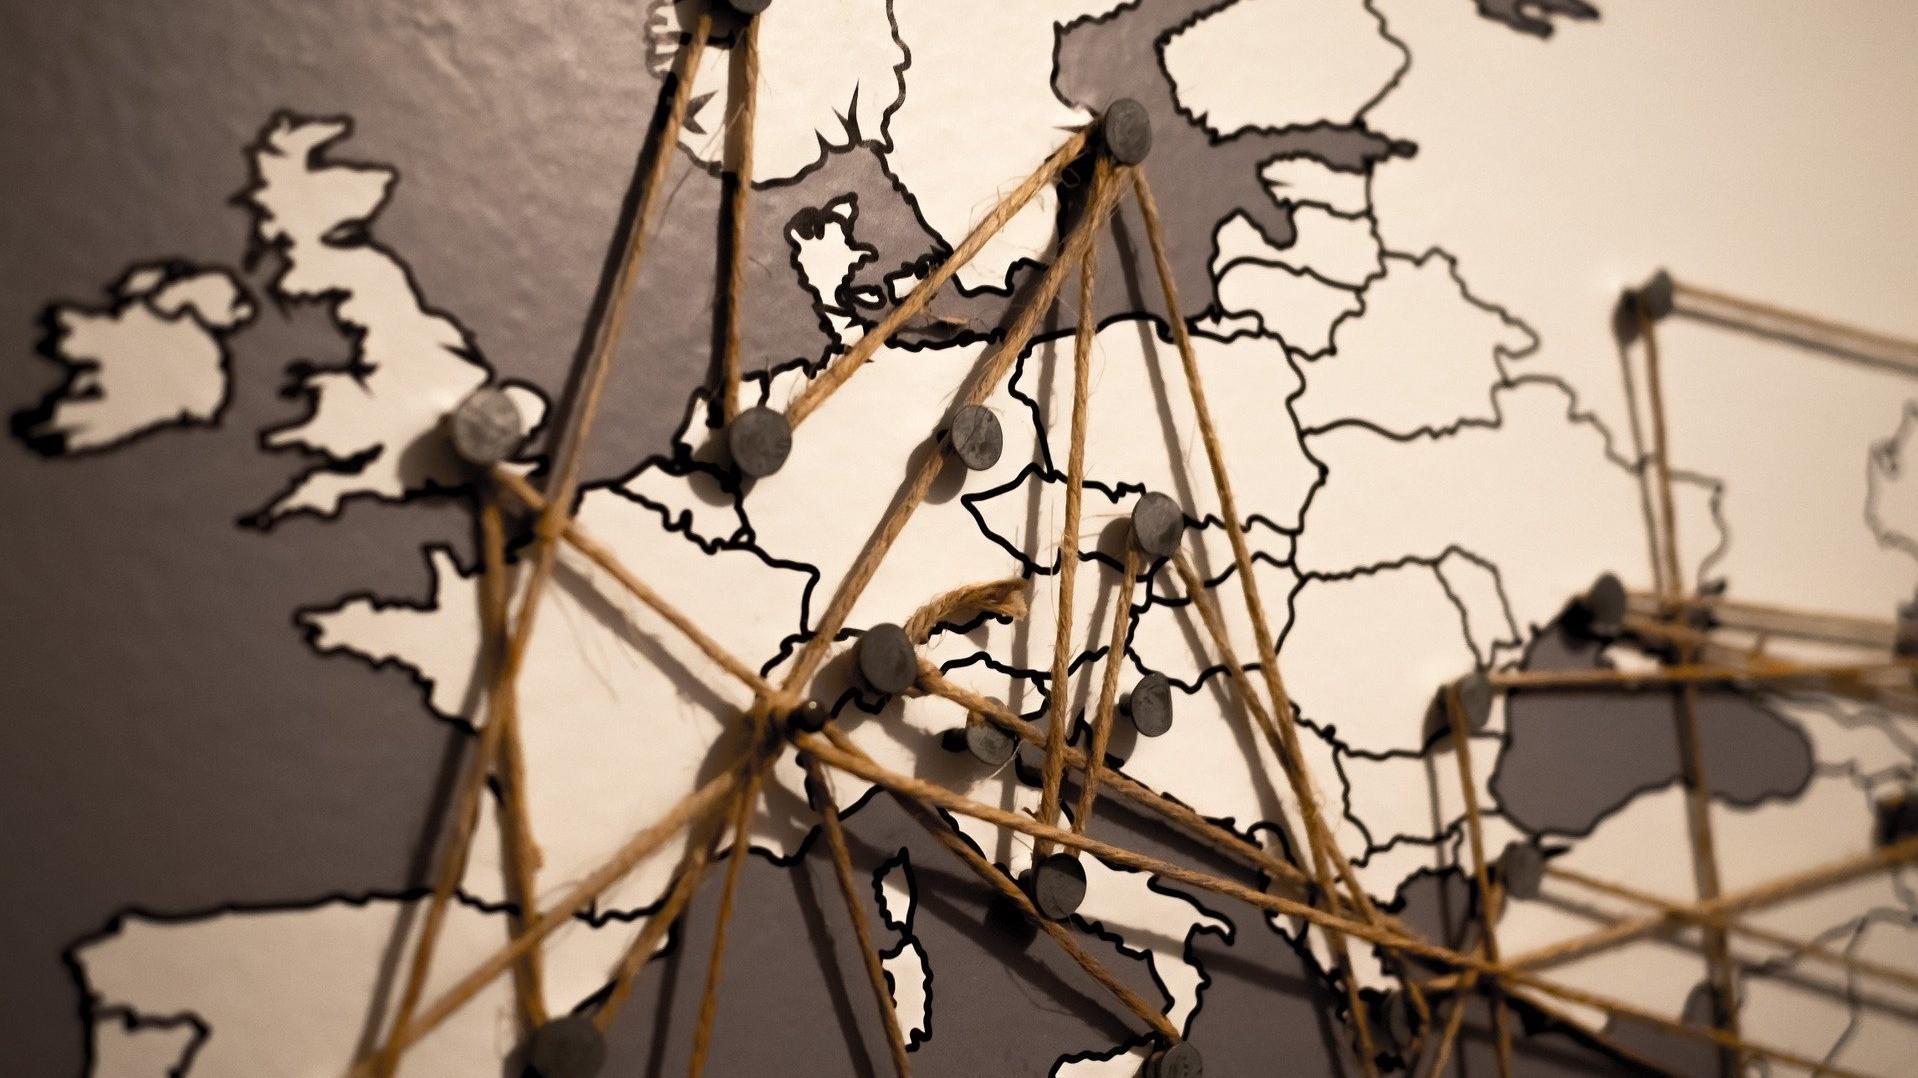 Zu Europa zählen etwa 50 Länder und ihre Hauptstädte.